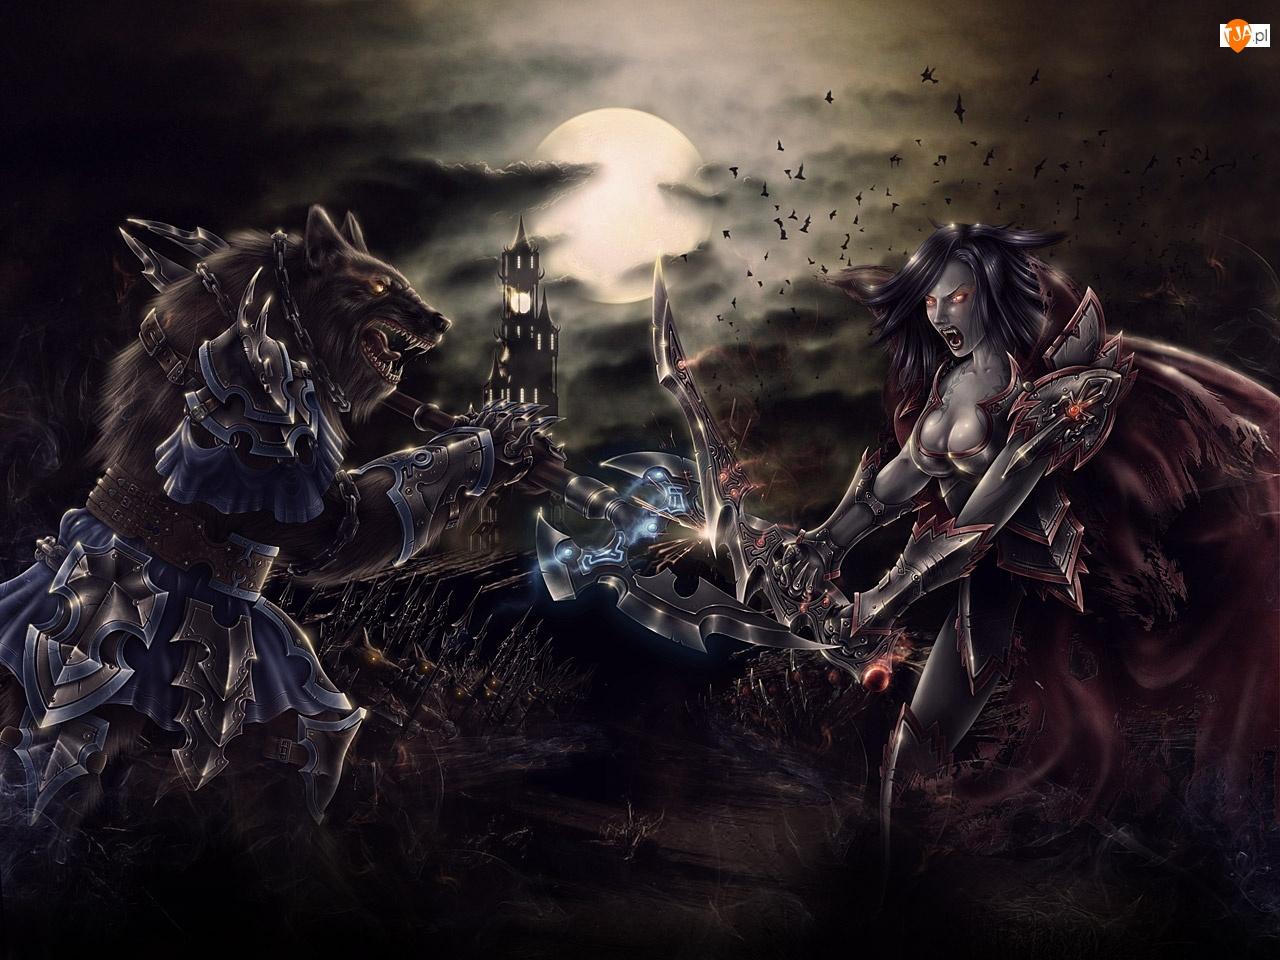 Wilkołak, Księżyc, Walka, Wampir